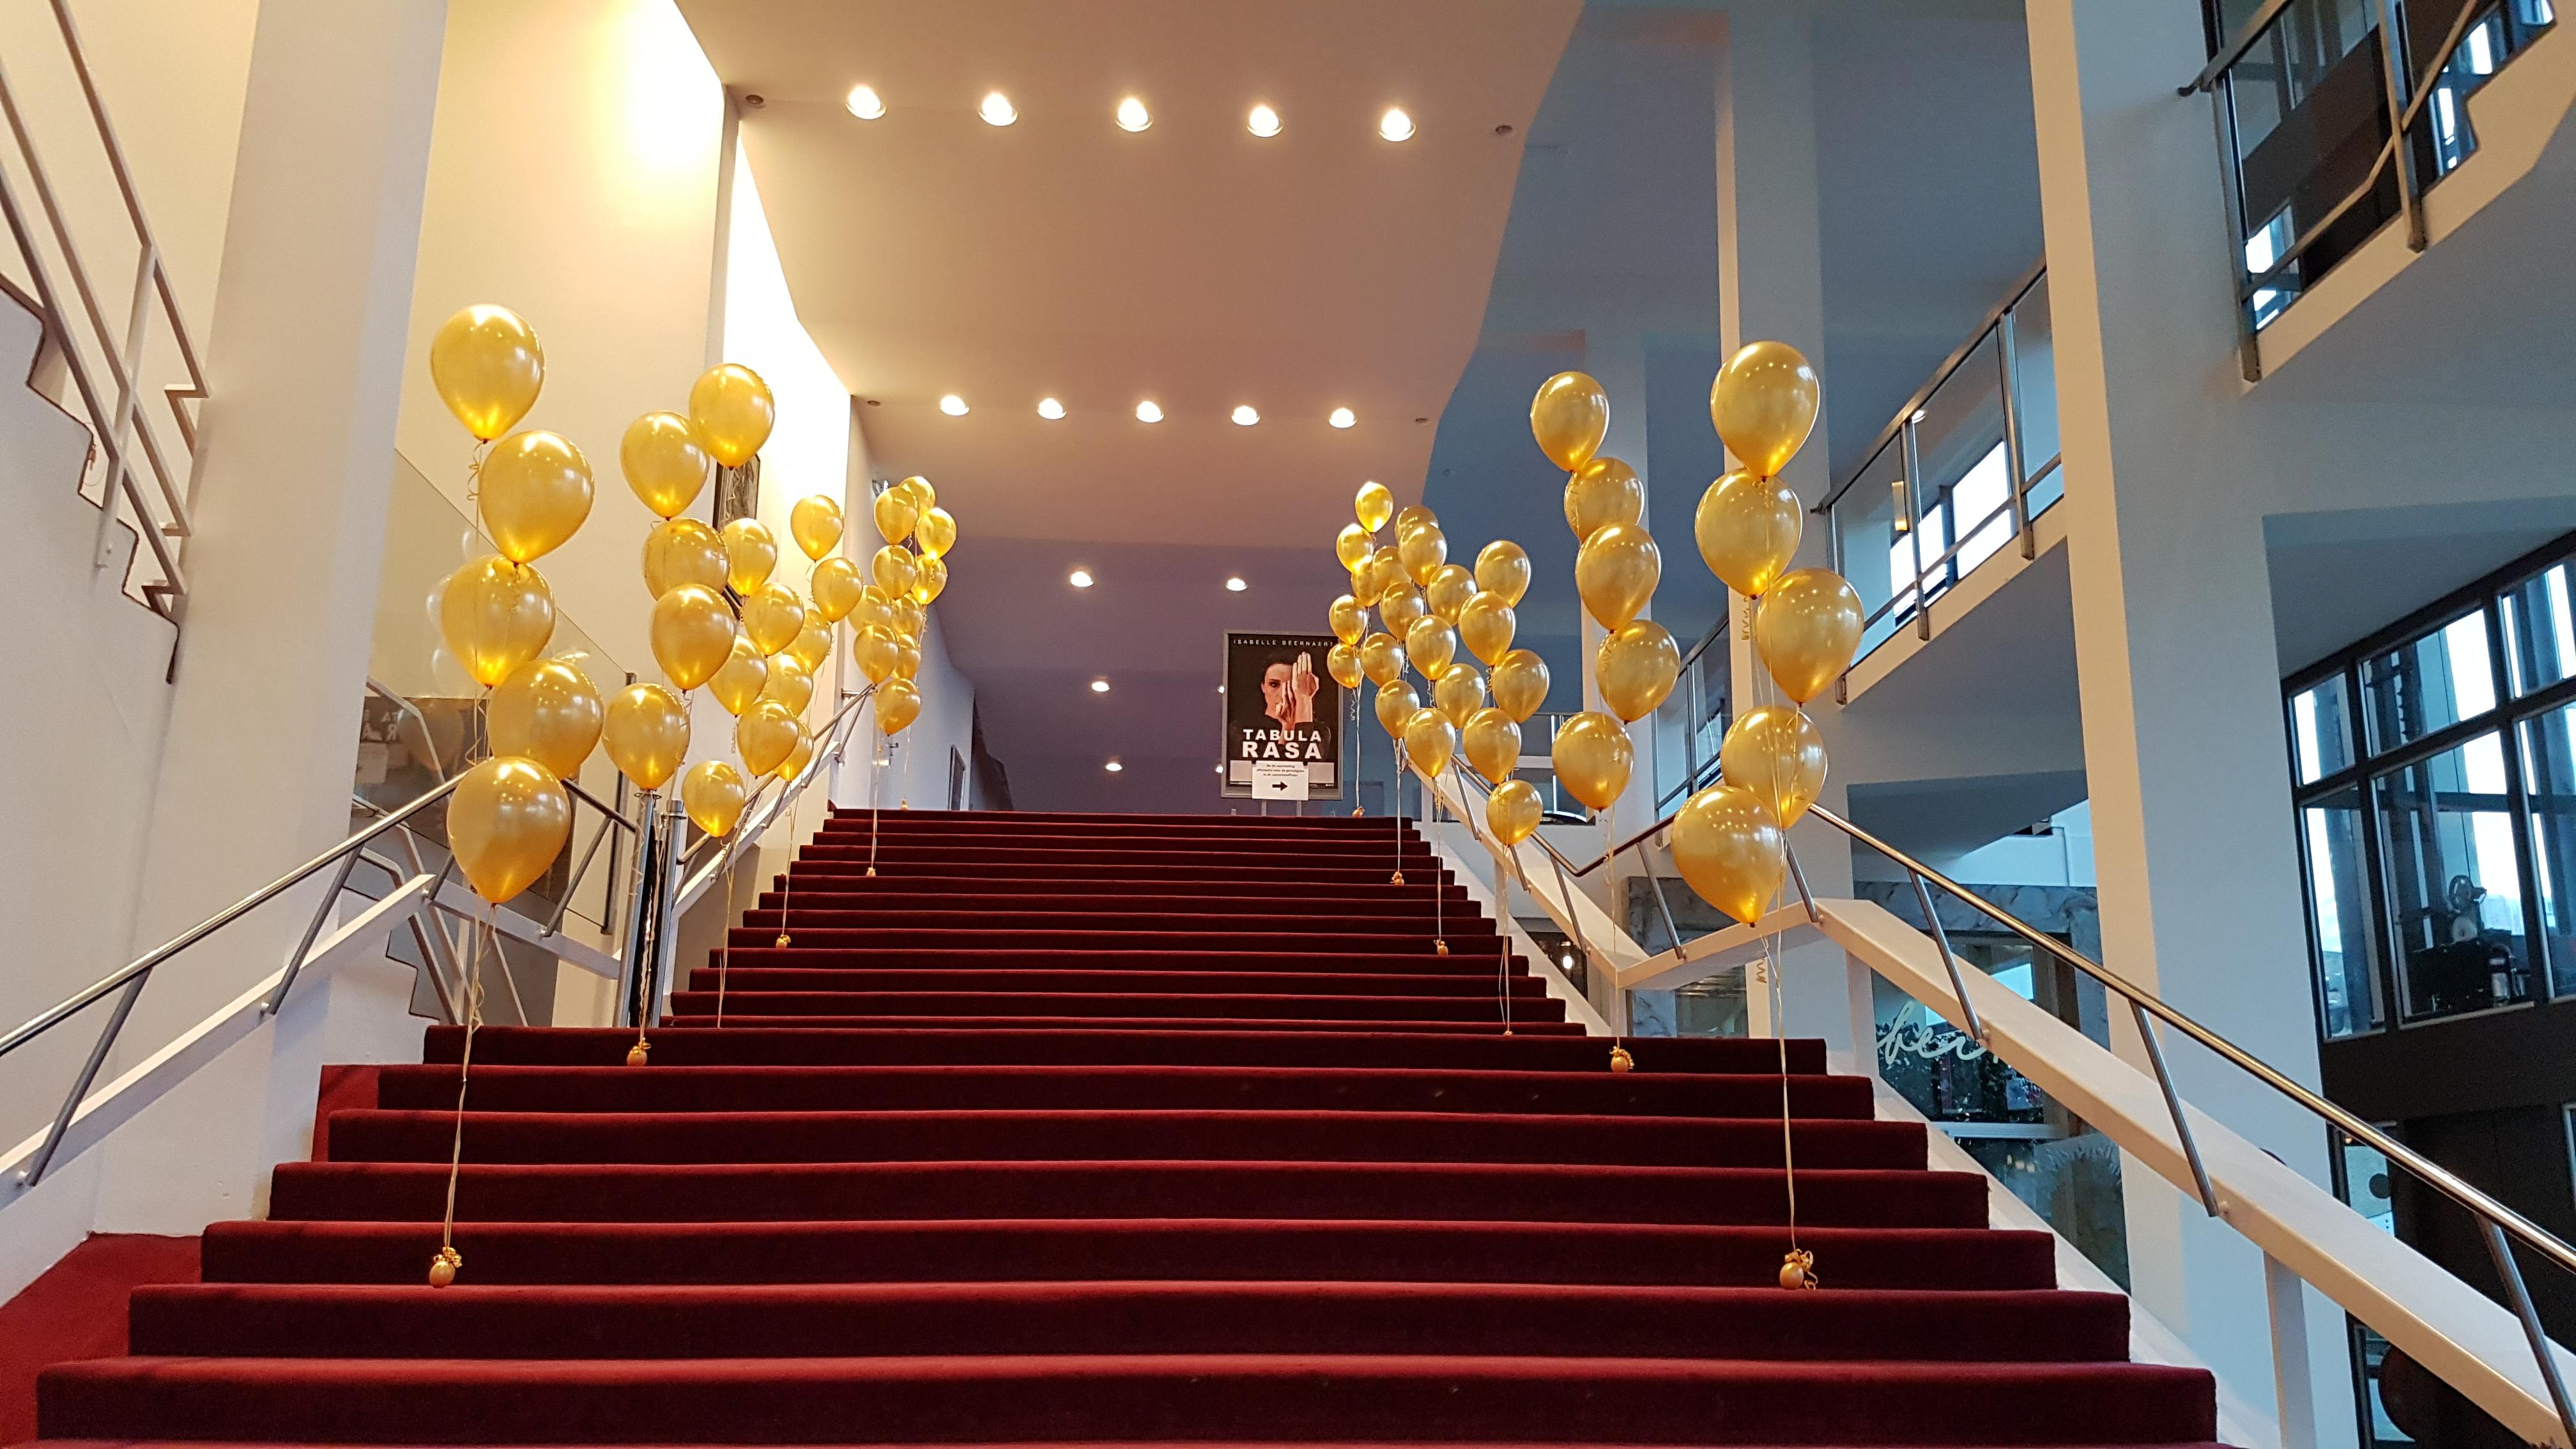 Heliumballonnen ballontrossen gronddecoratie vloerdecoratie tafeldecoratie Theaters Tilburg Balloon Styling Tilburg